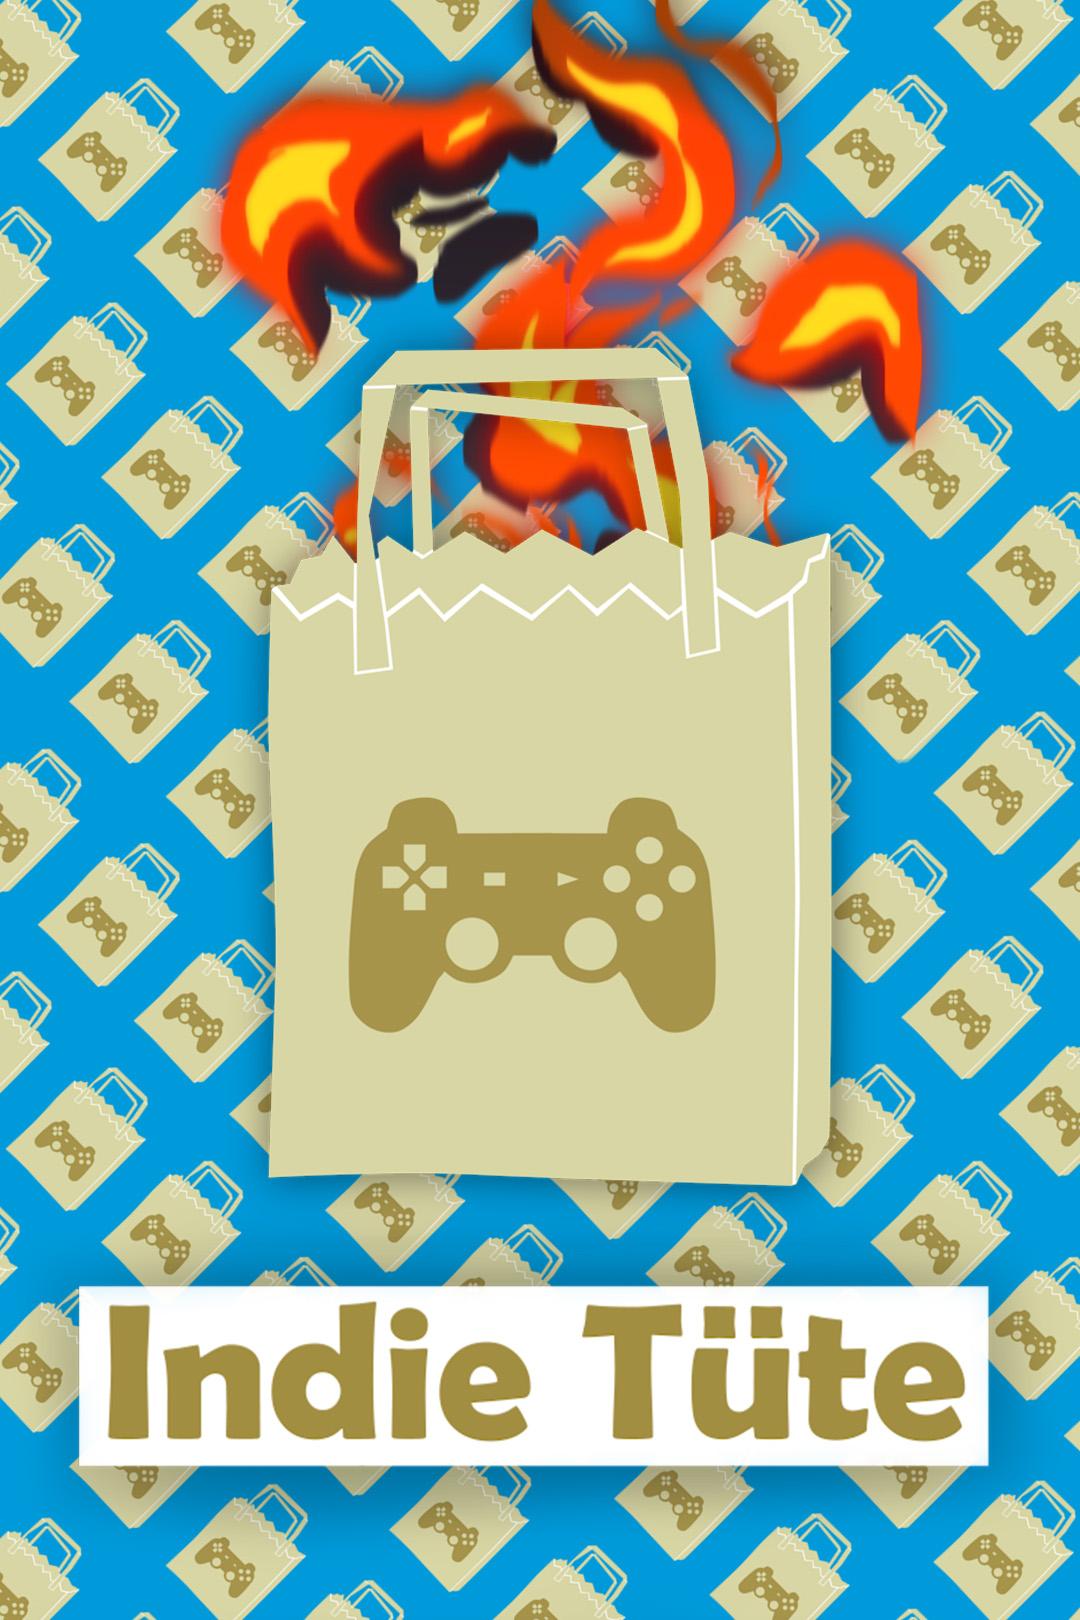 Indie Tüte Indiegames Indie Spiele